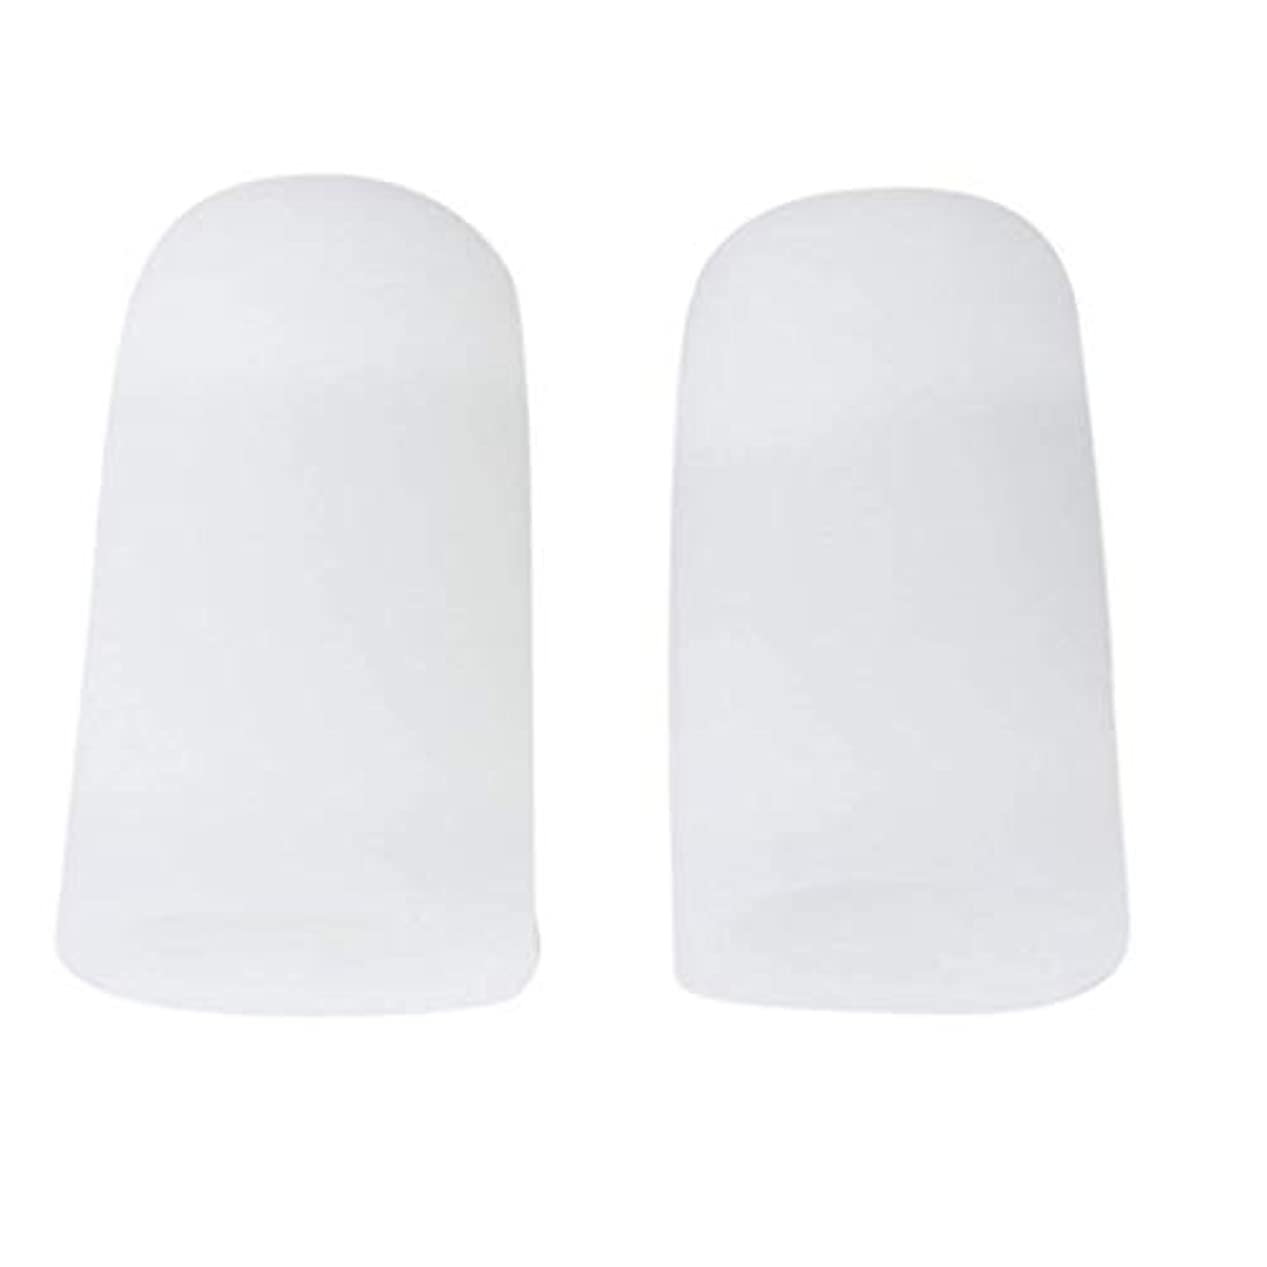 略語解放鋭くTSUCIA 足指保護キャップ つま先プロテクター 足先のつめ保護キャップ シリコン (M)